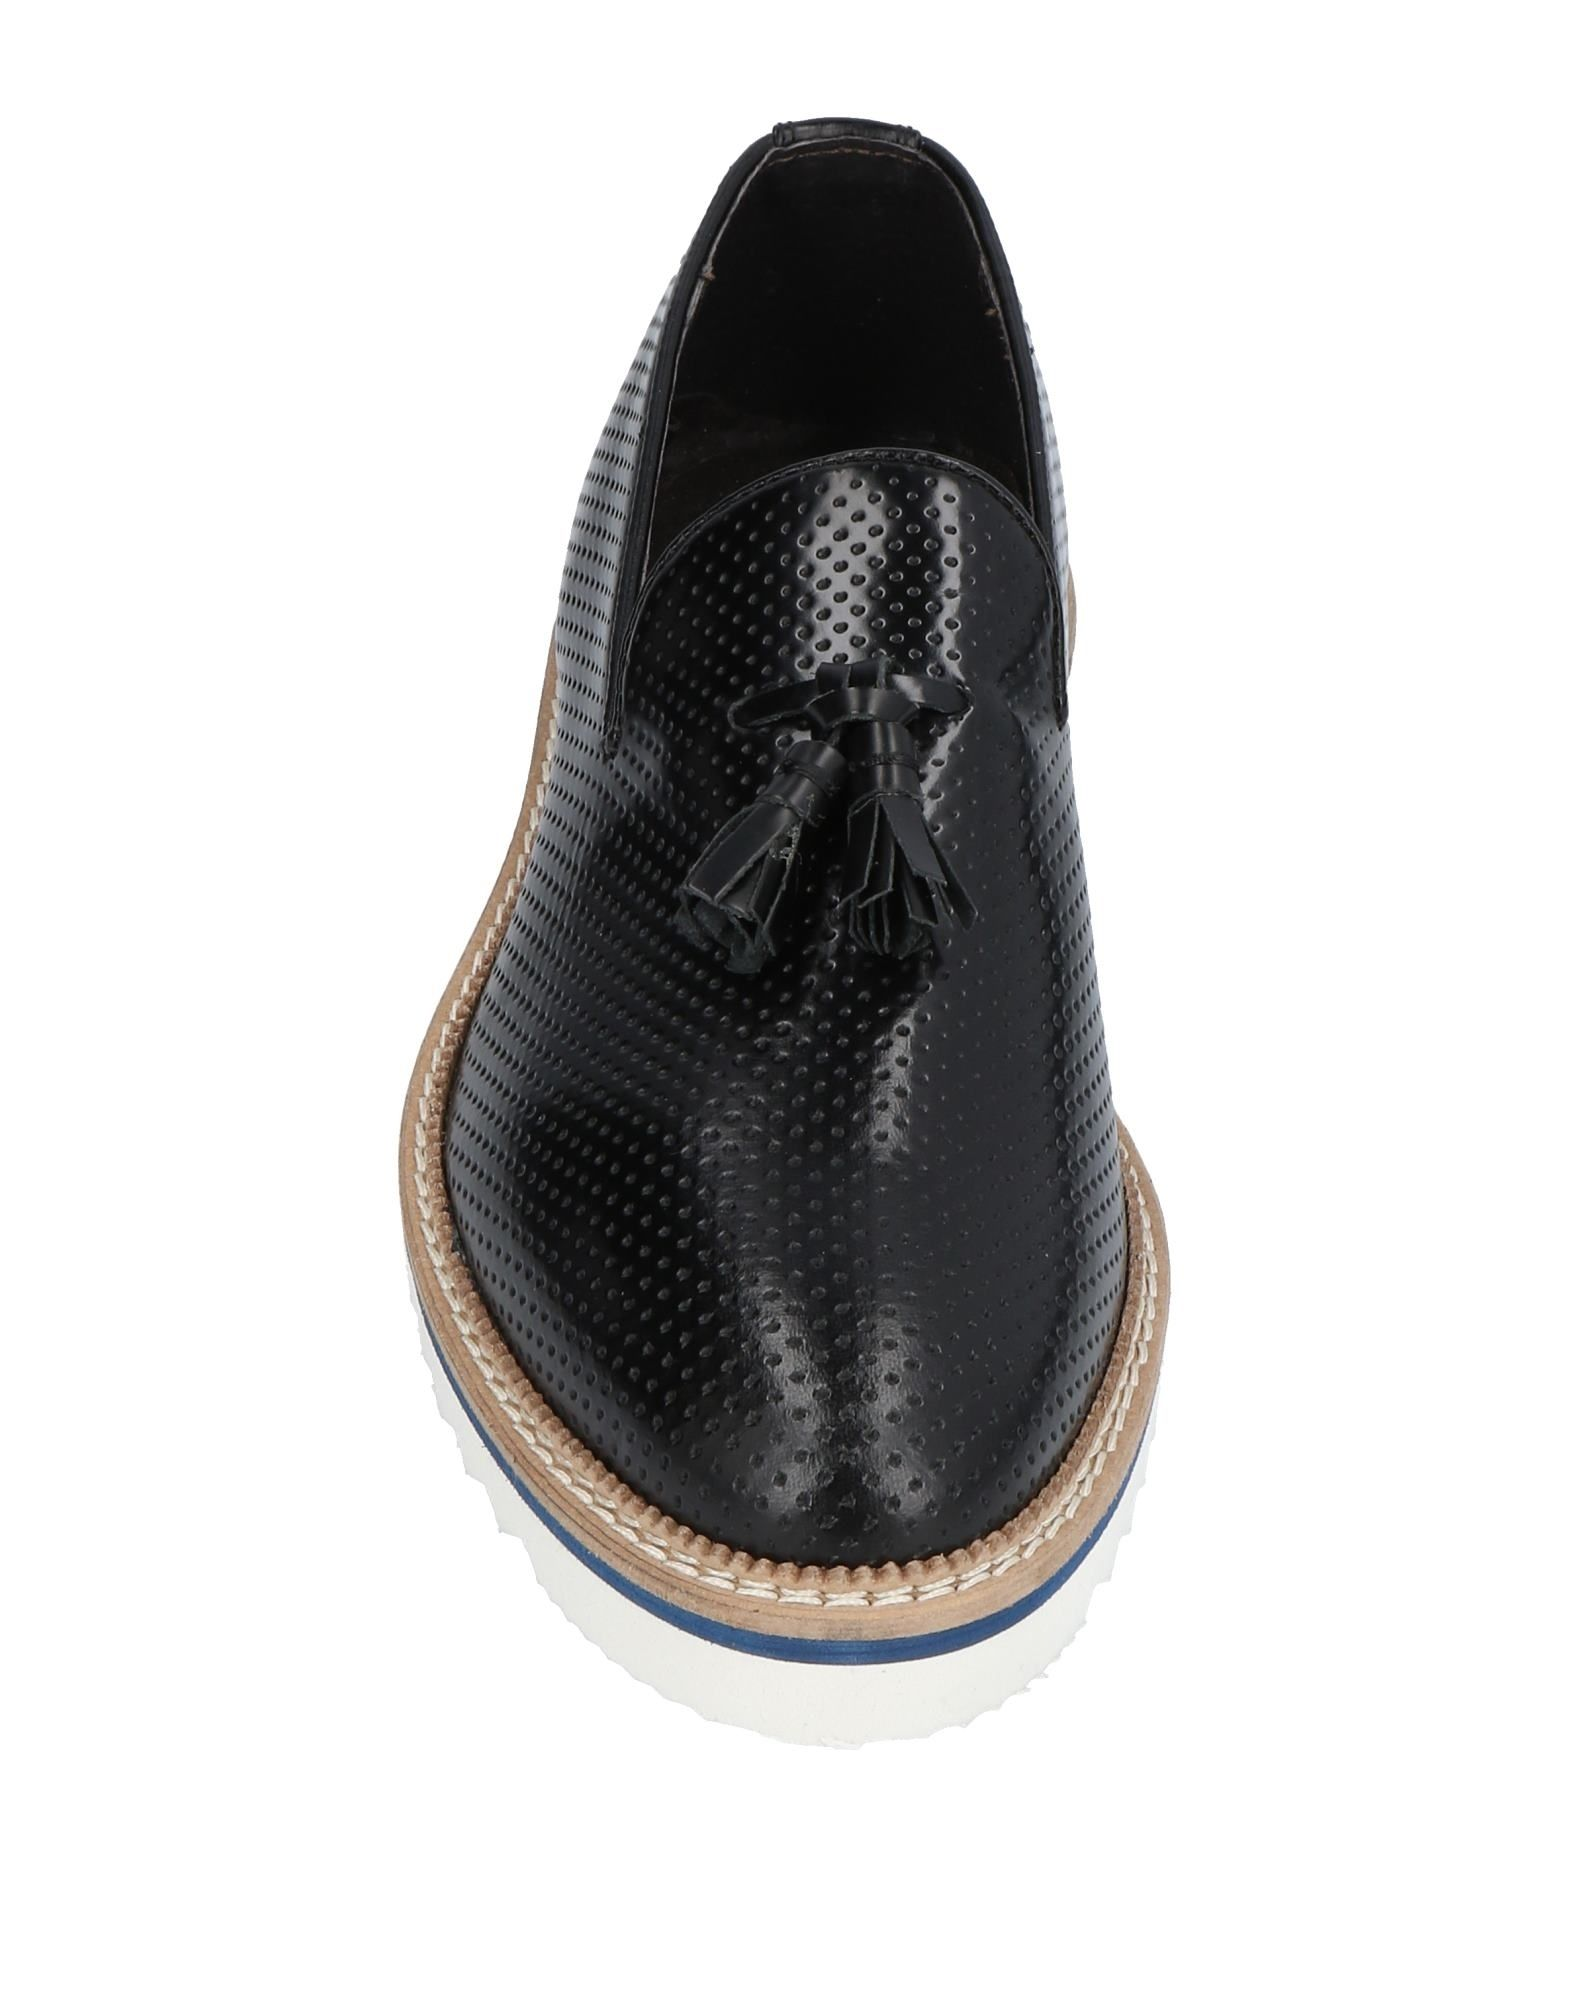 0d764772fa90 ... Rabatt echte Schuhe Malagoli 11462223MK M. Mokassins Herren 11462223MK  Malagoli 1bf4da ...